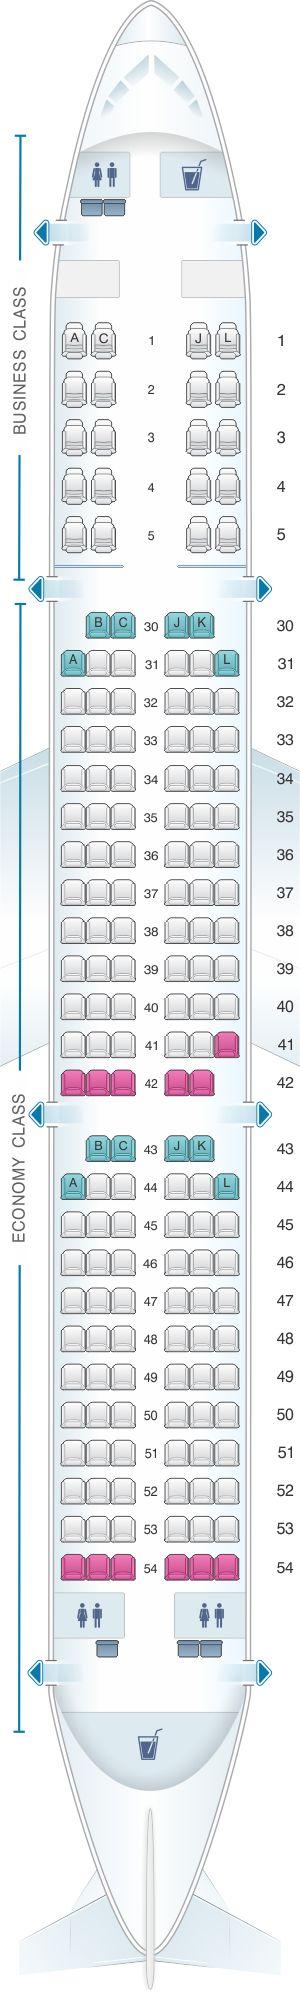 Seat Map Saudi Arabian Airlines Airbus A321